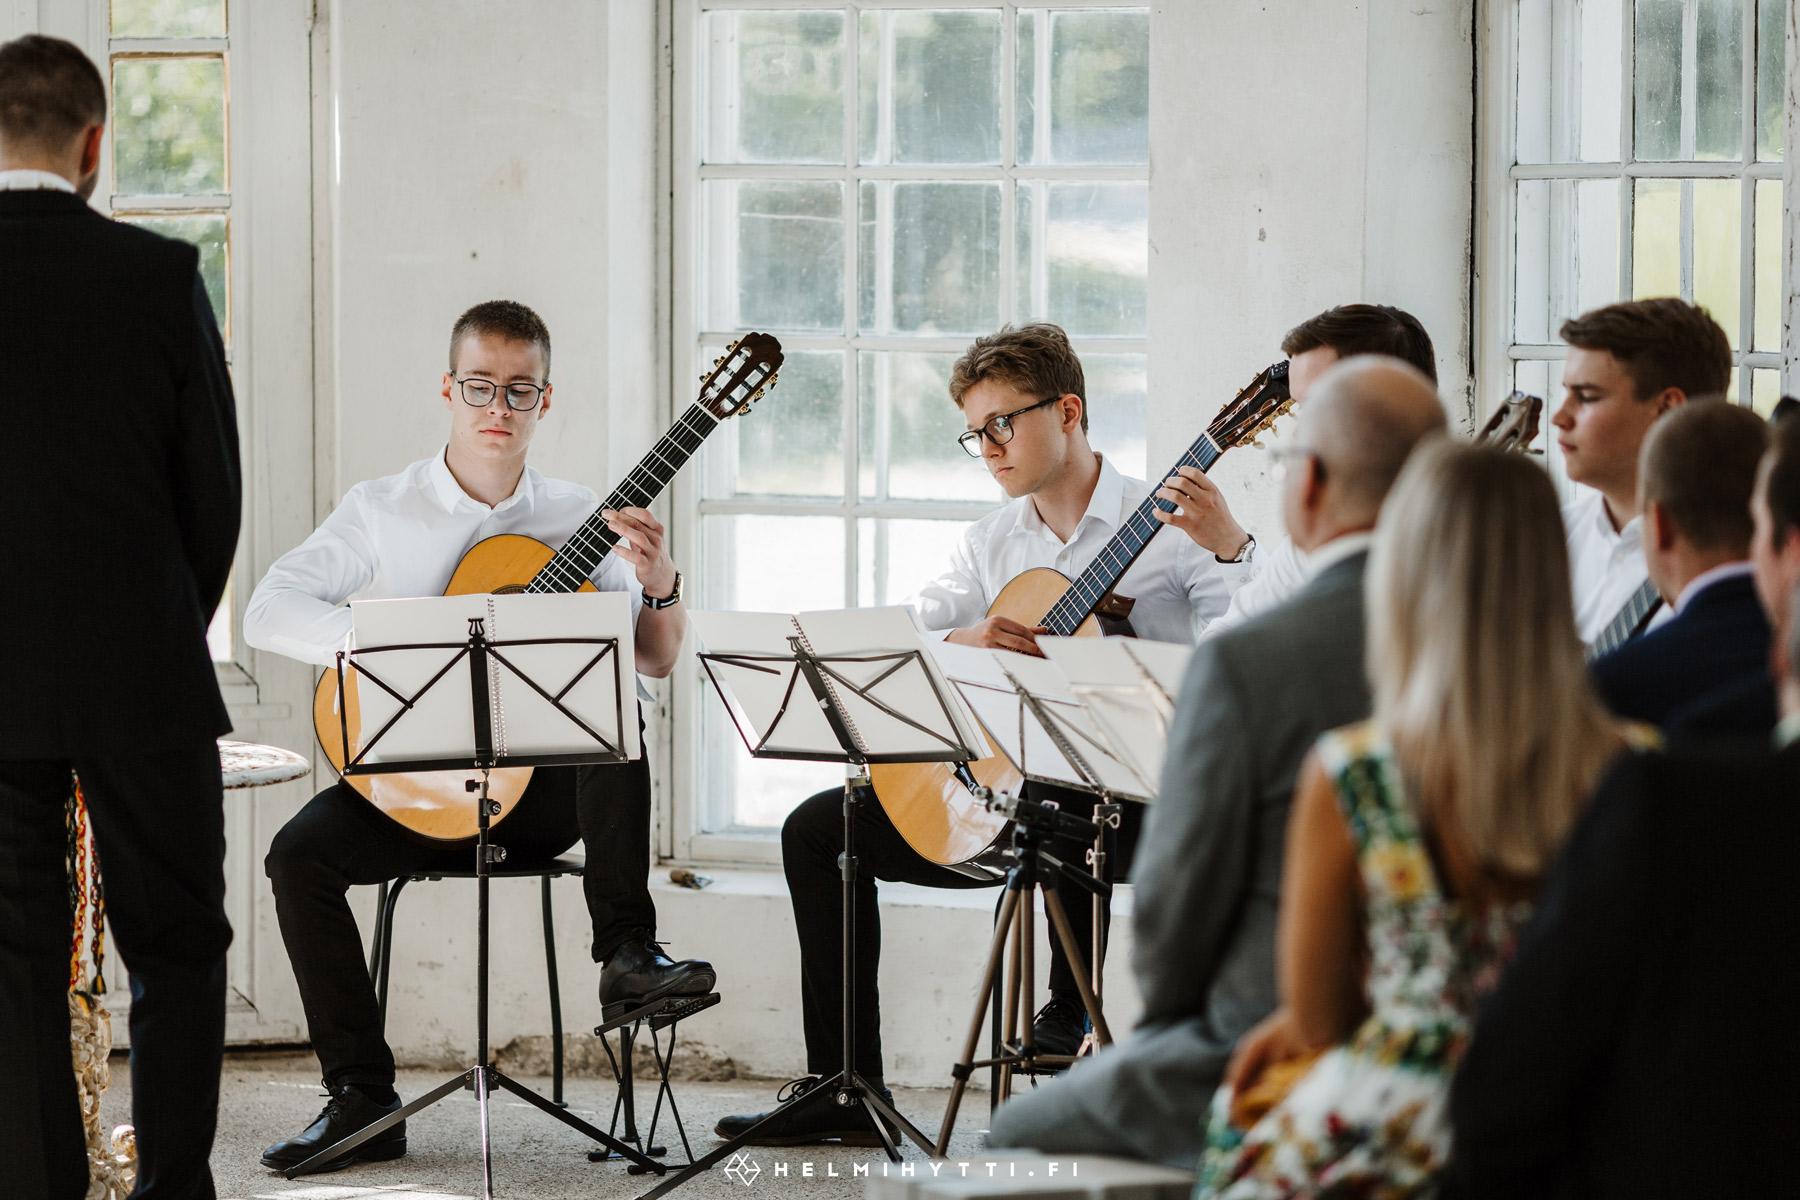 vihkiseremonia-musiikki-kvartetti